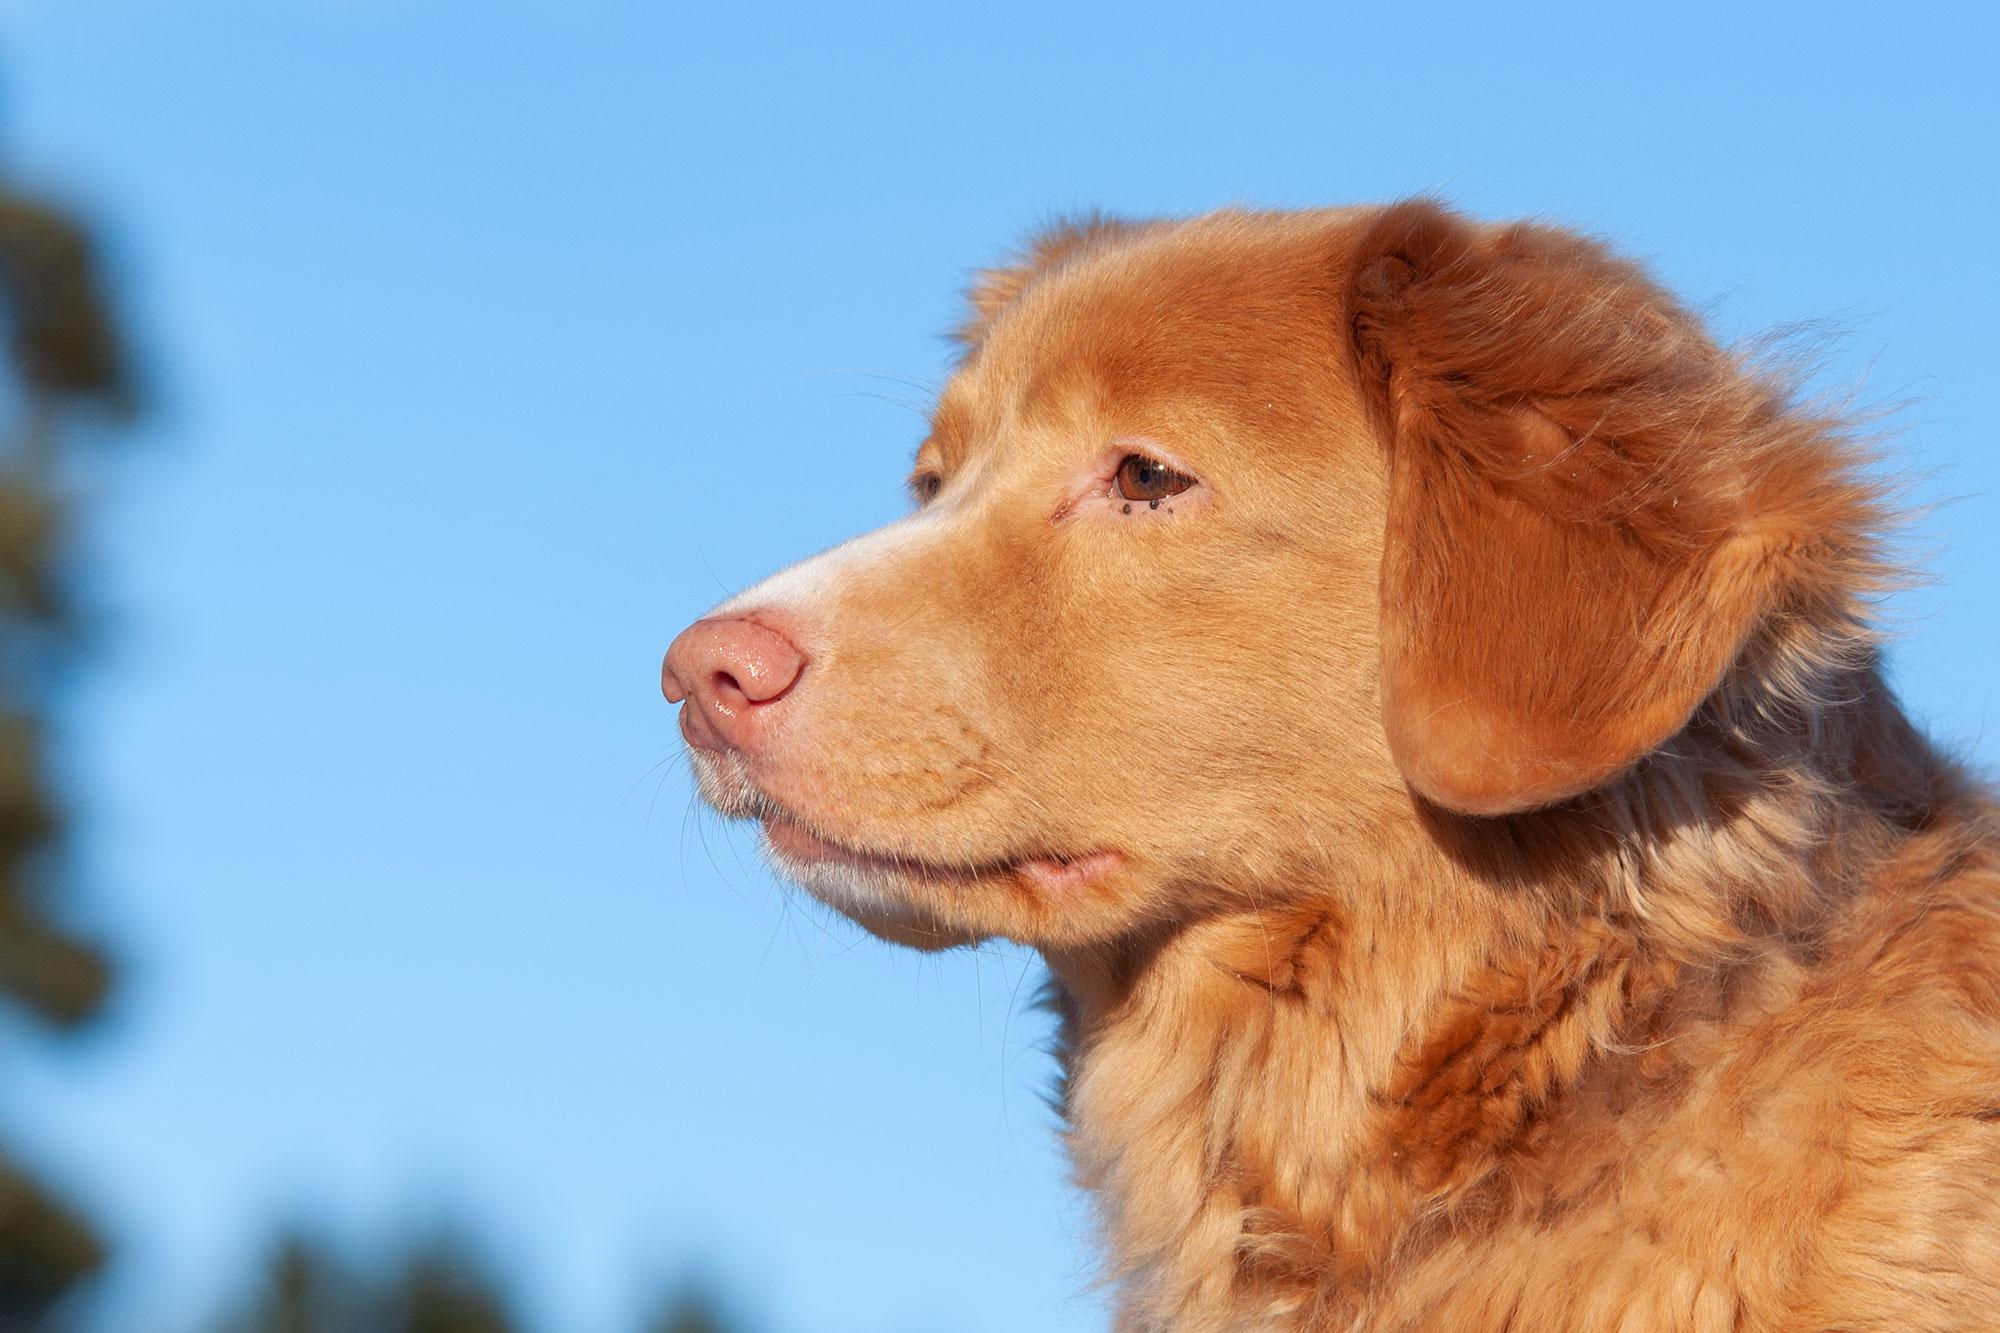 Nya Djurskyddsföreskrifter är På Gång